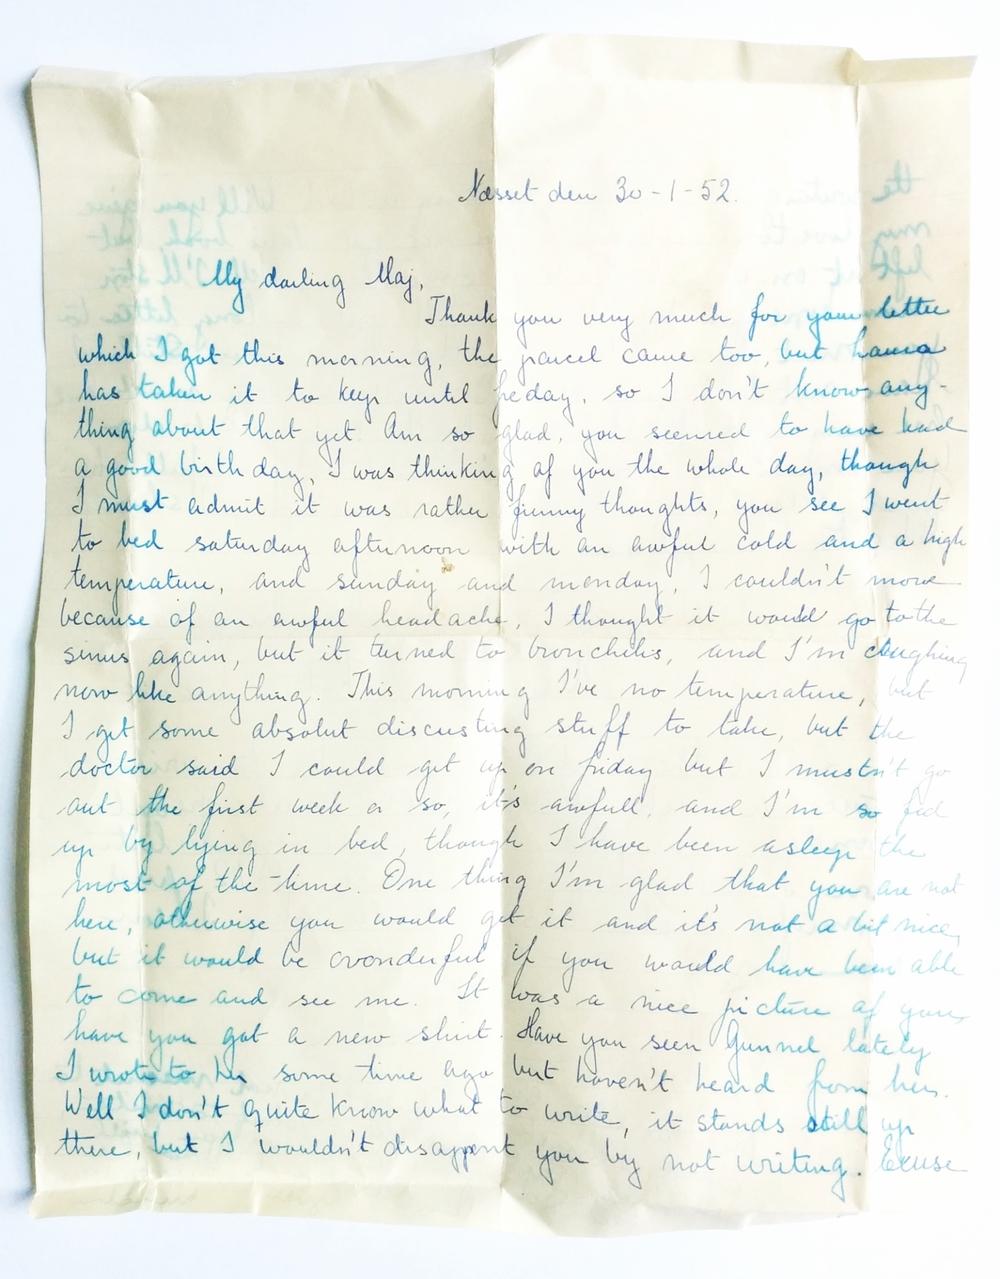 January 30th, 1952